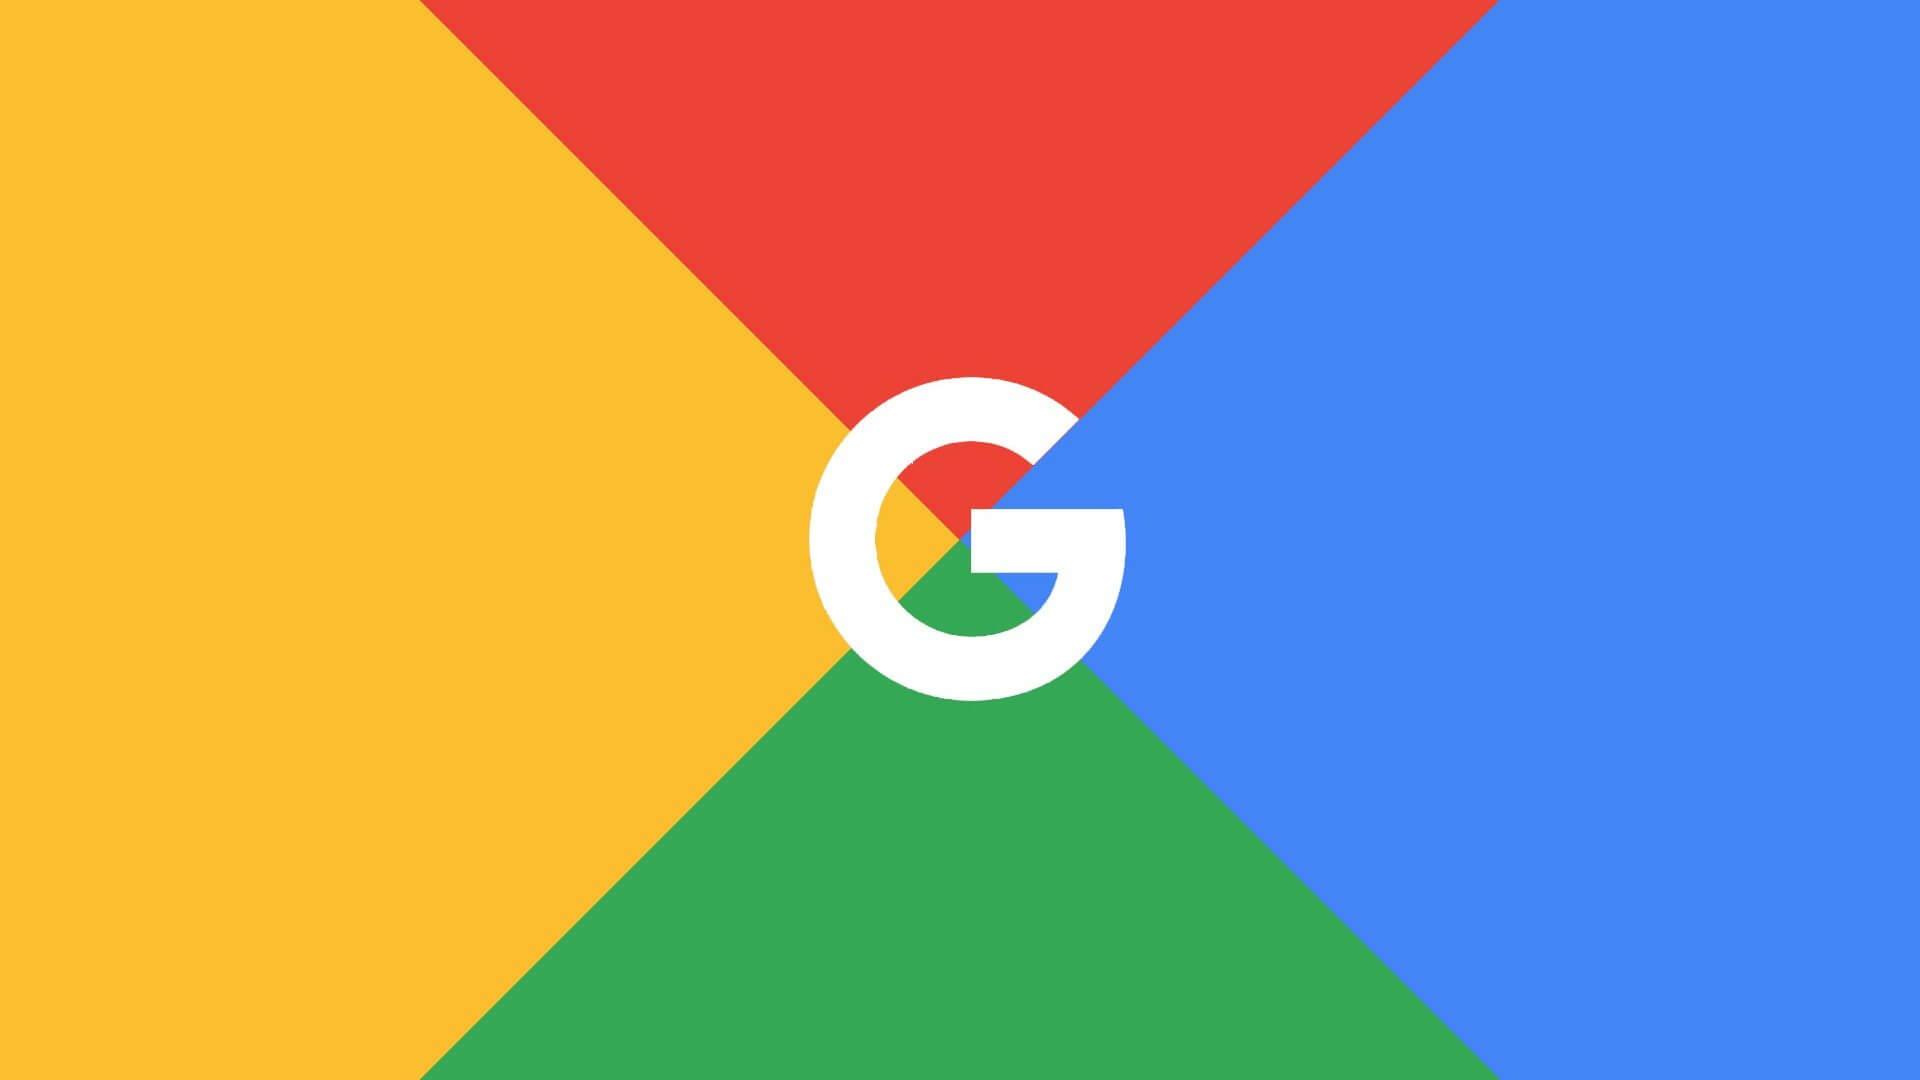 novas mudanças no google até final do ano - Google lança novo mini-game e um detector de piadas ruins para o Dia da Mentira